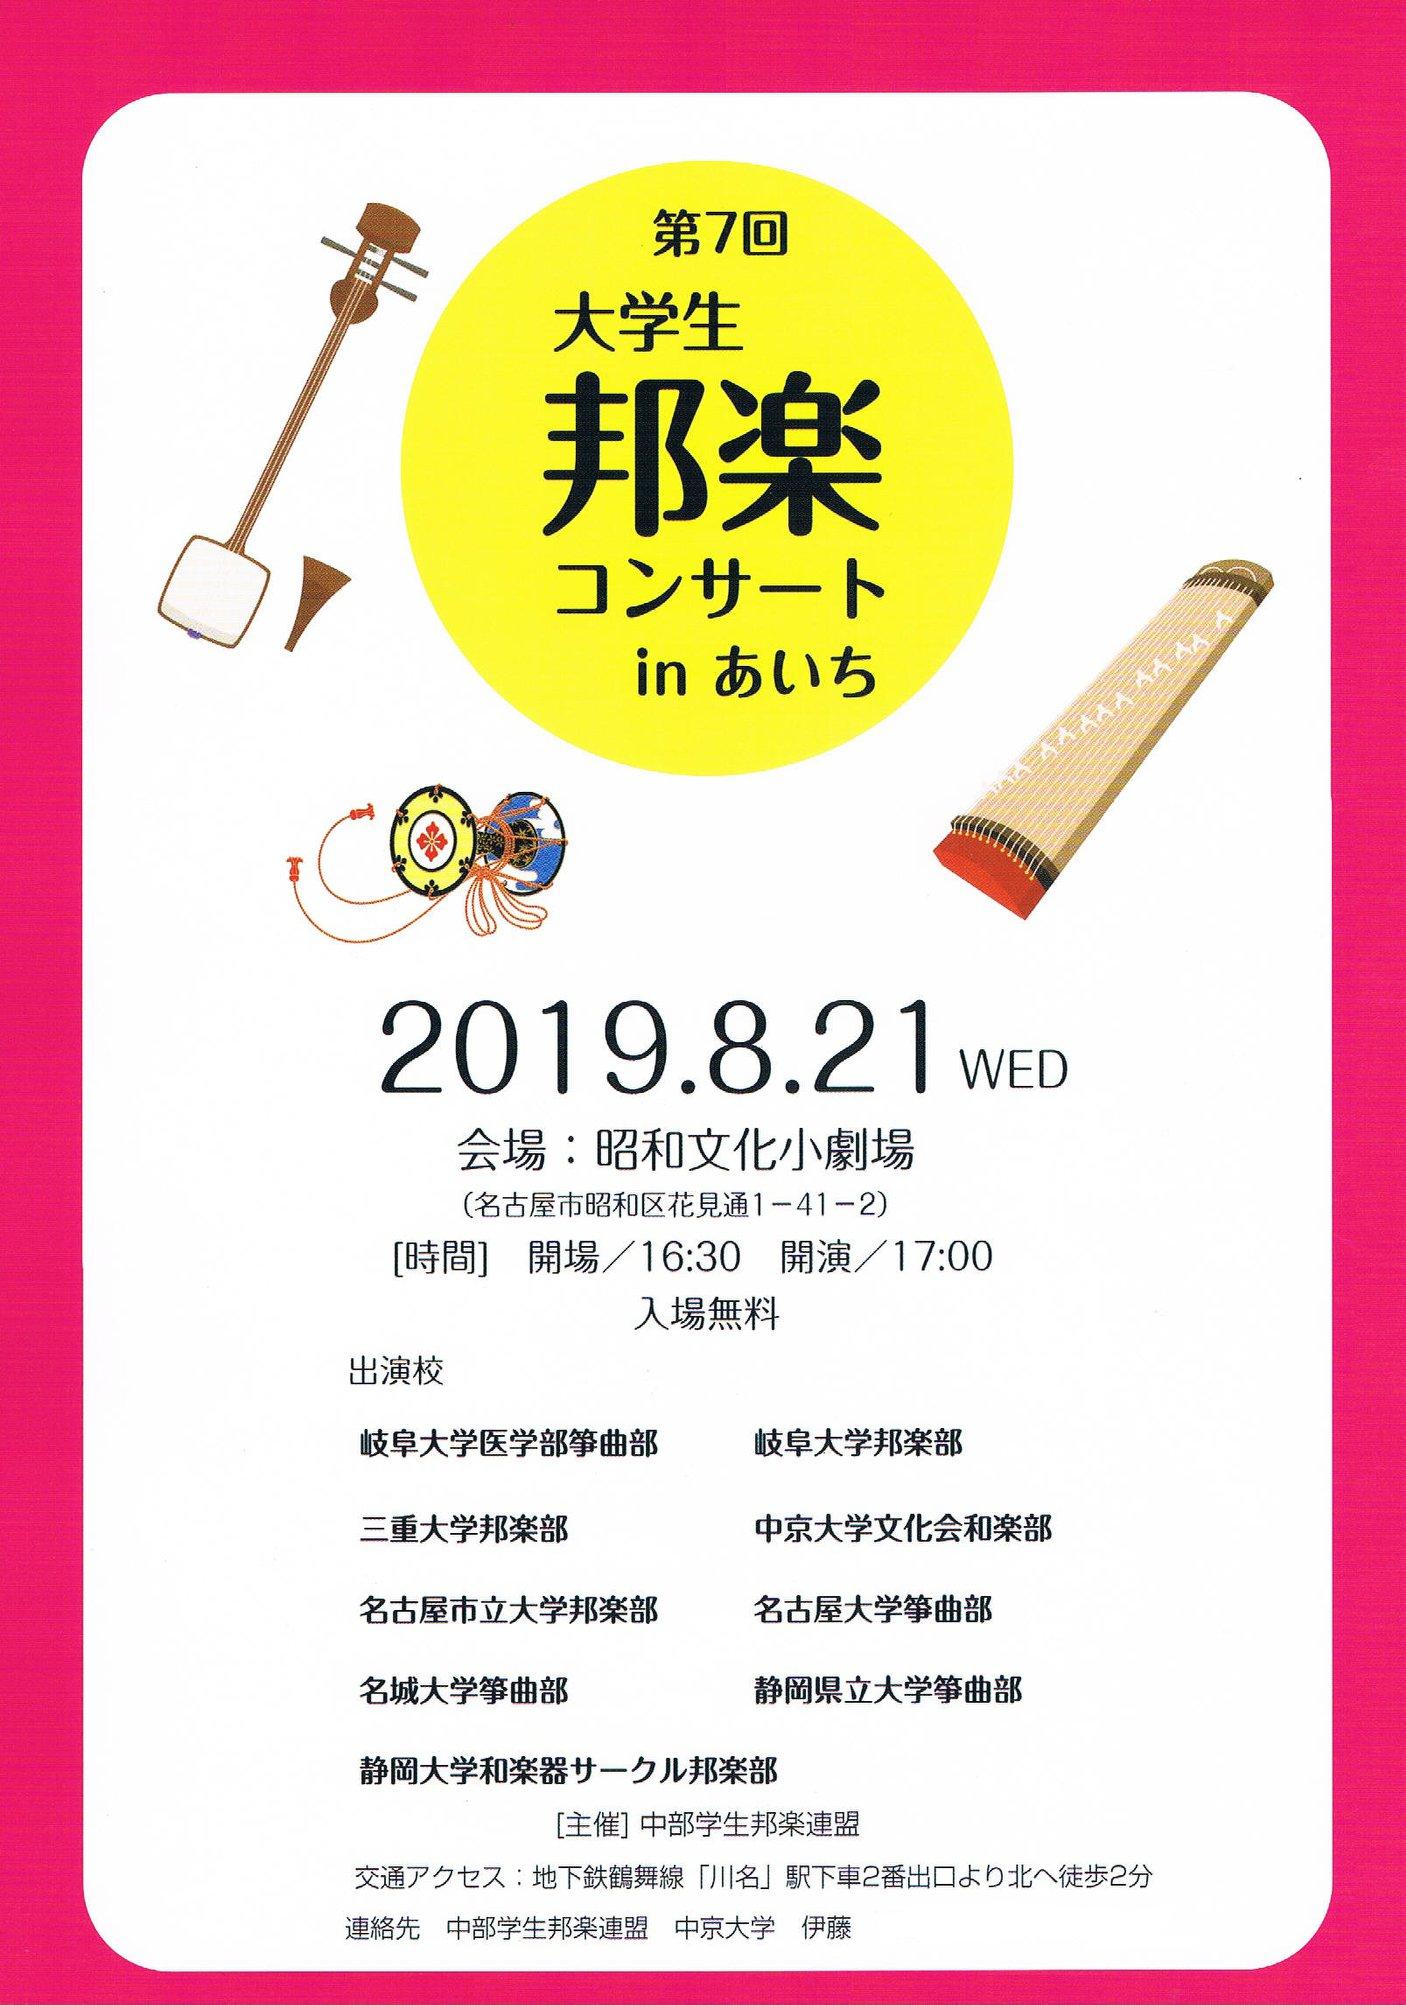 第7回 大学生邦楽コンサート in あいち